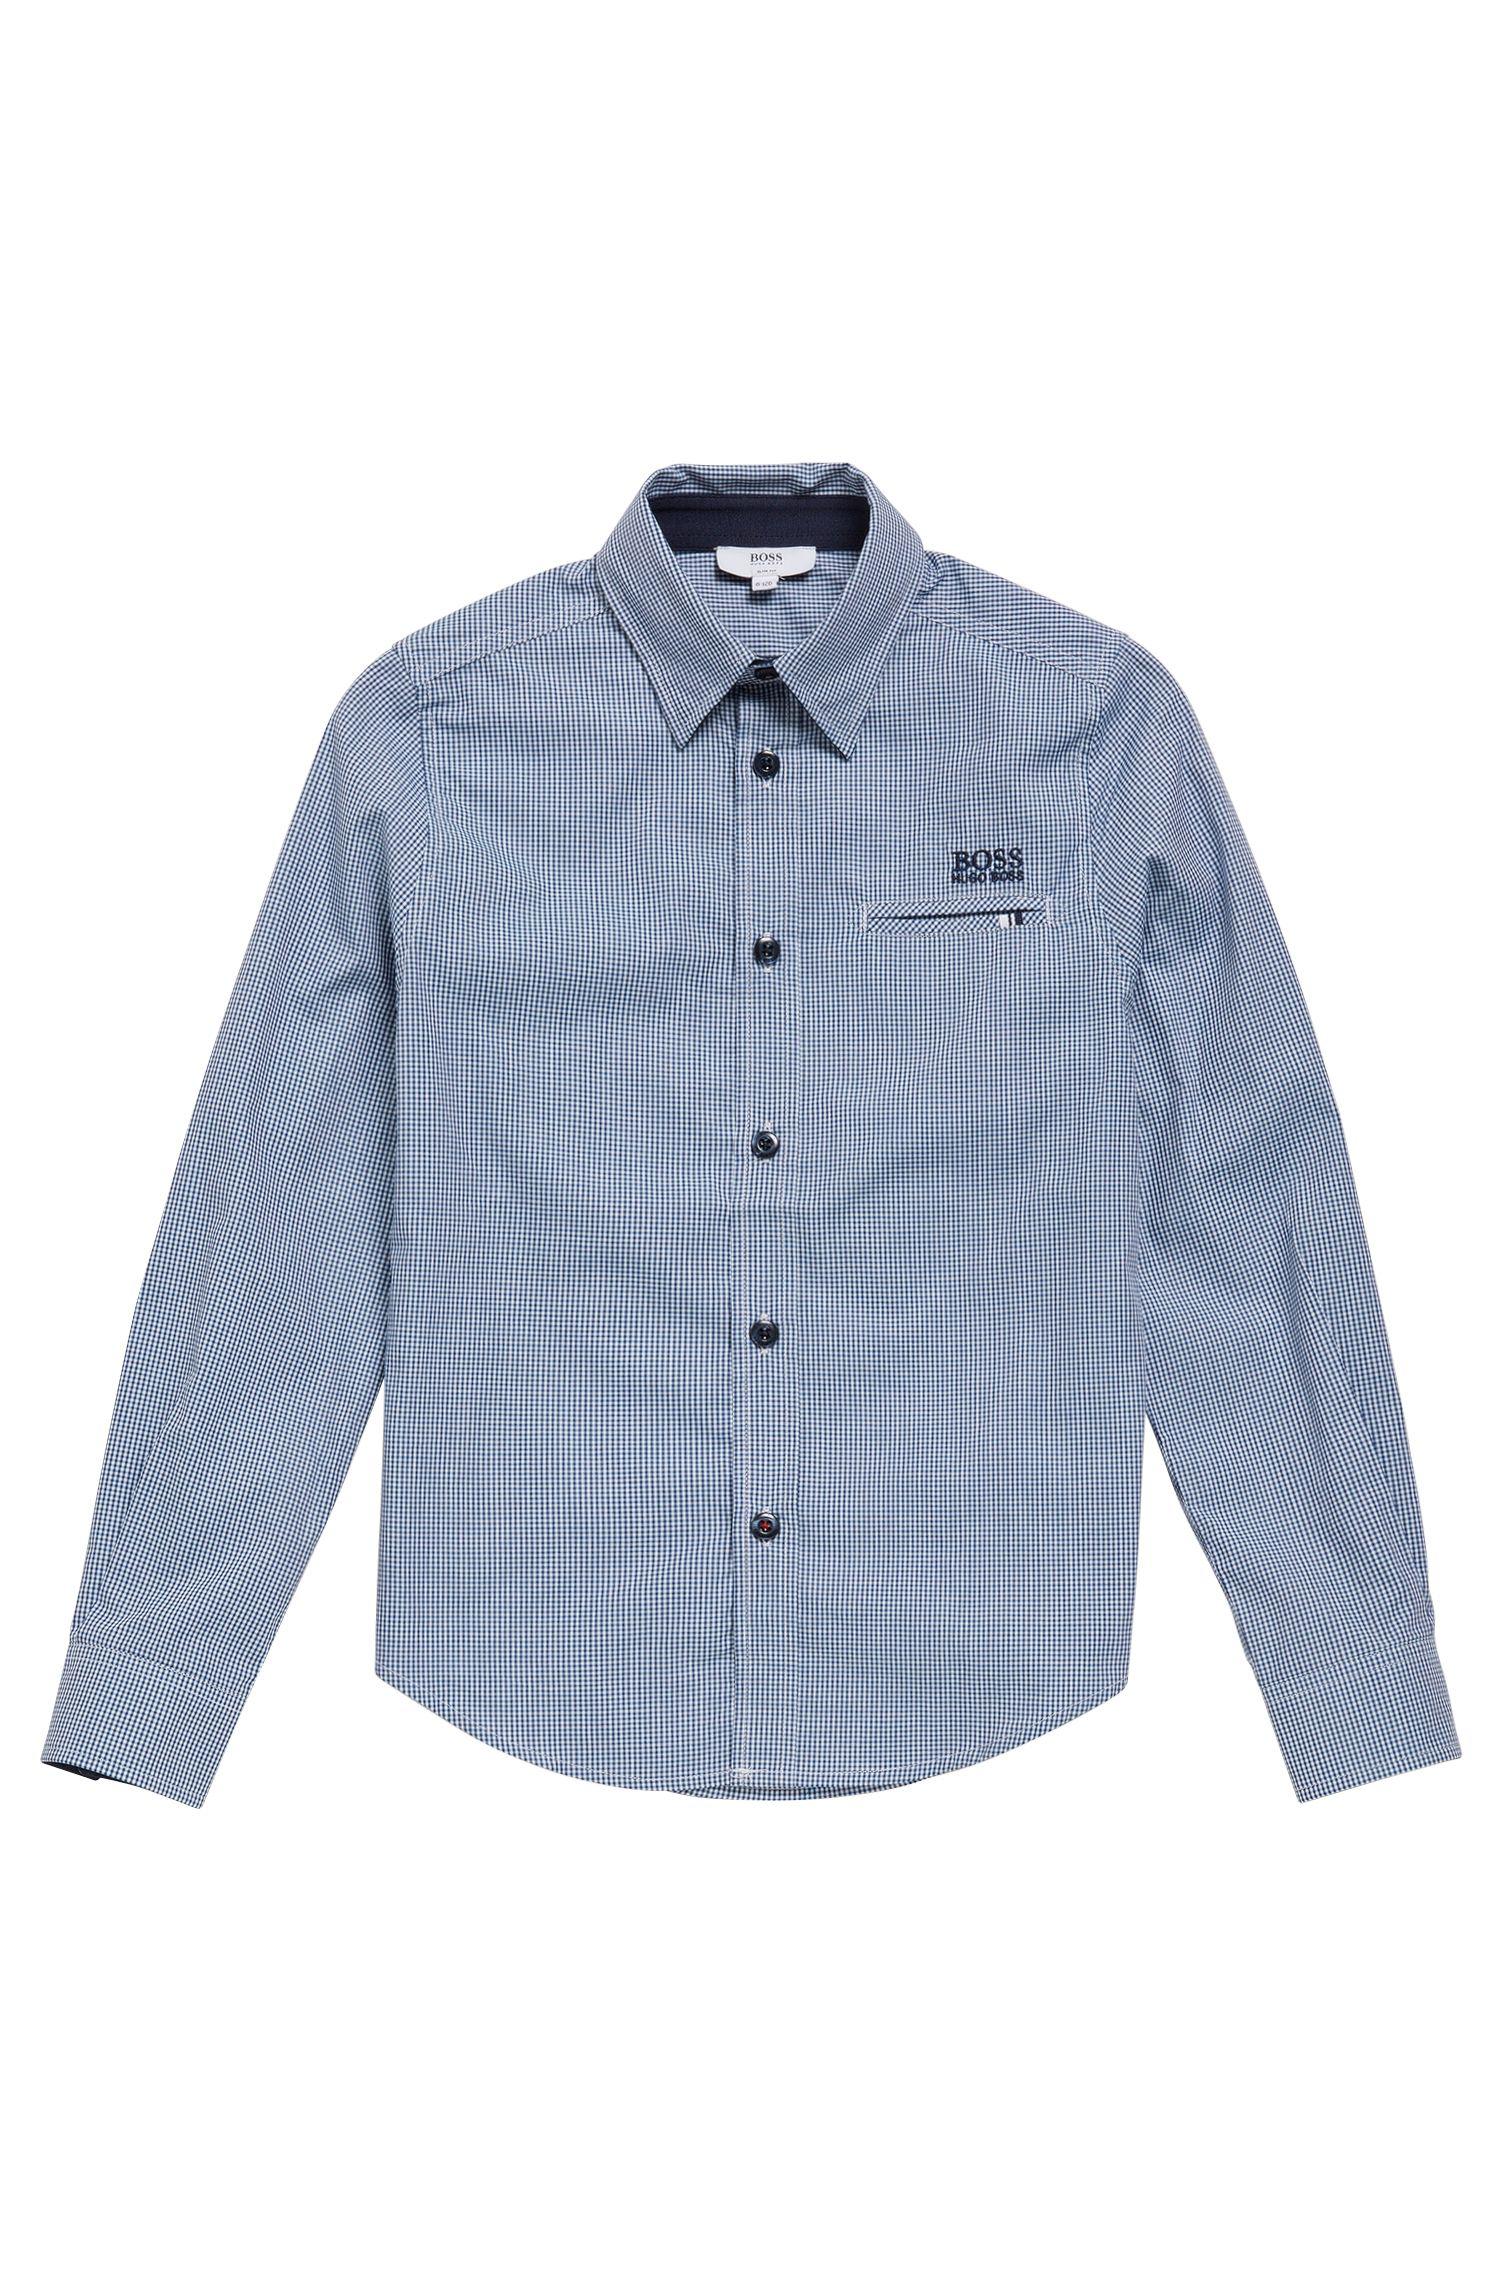 Chemise pour enfant en coton, au motif à carreaux: «J25A20»